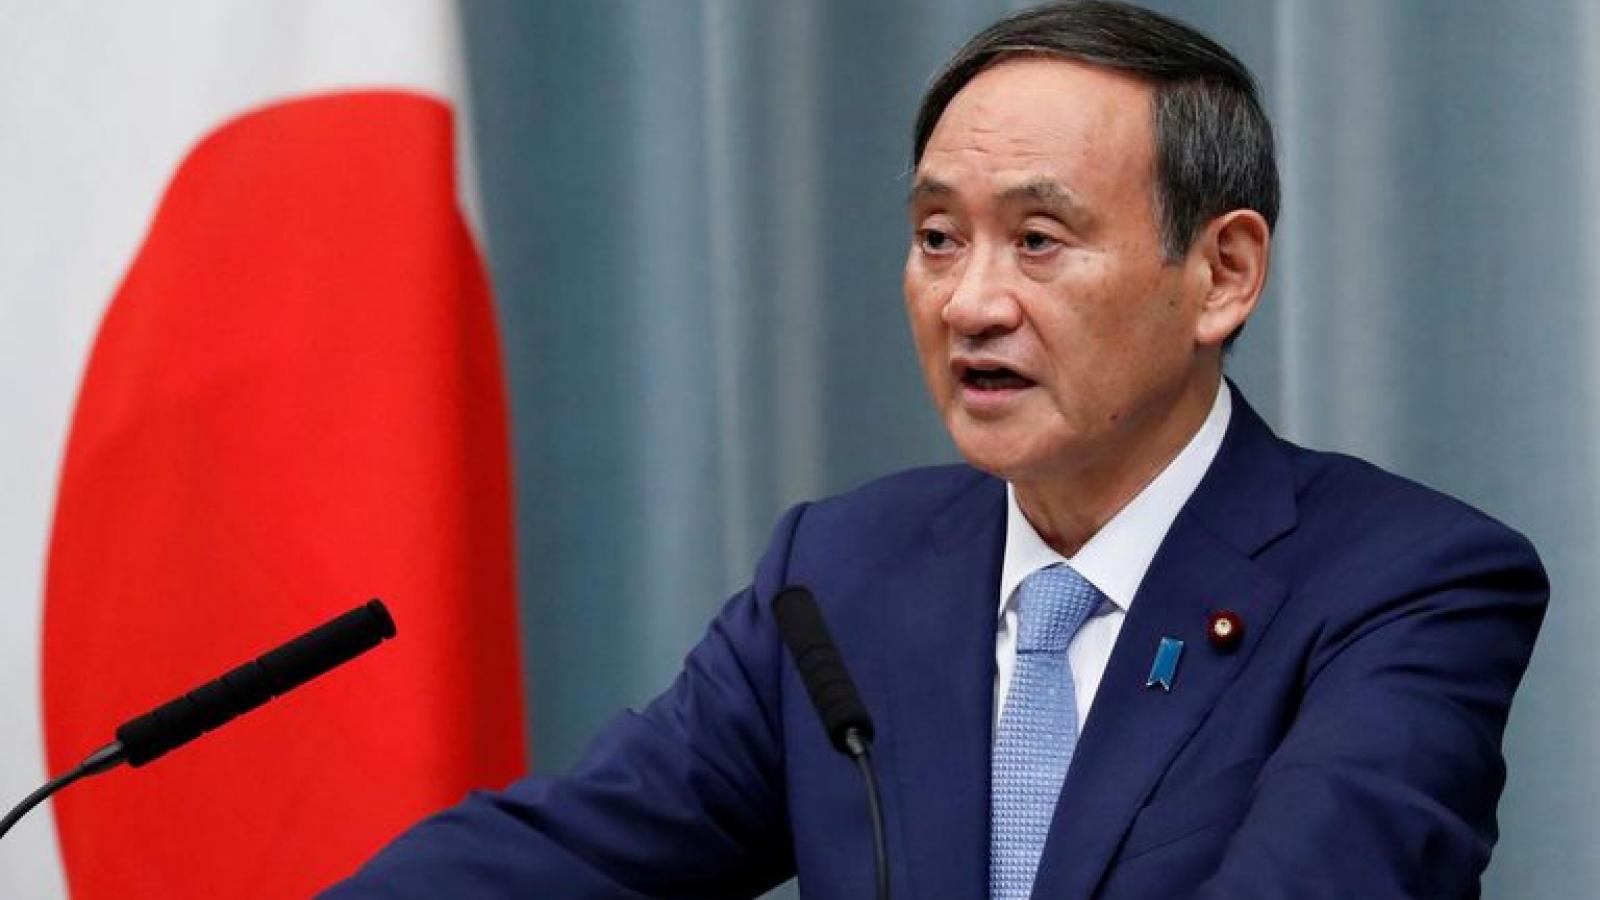 Thủ tướng Nhật: Vụ phóng tên lửa của Triều Tiên đe dọa an ninh khu vực